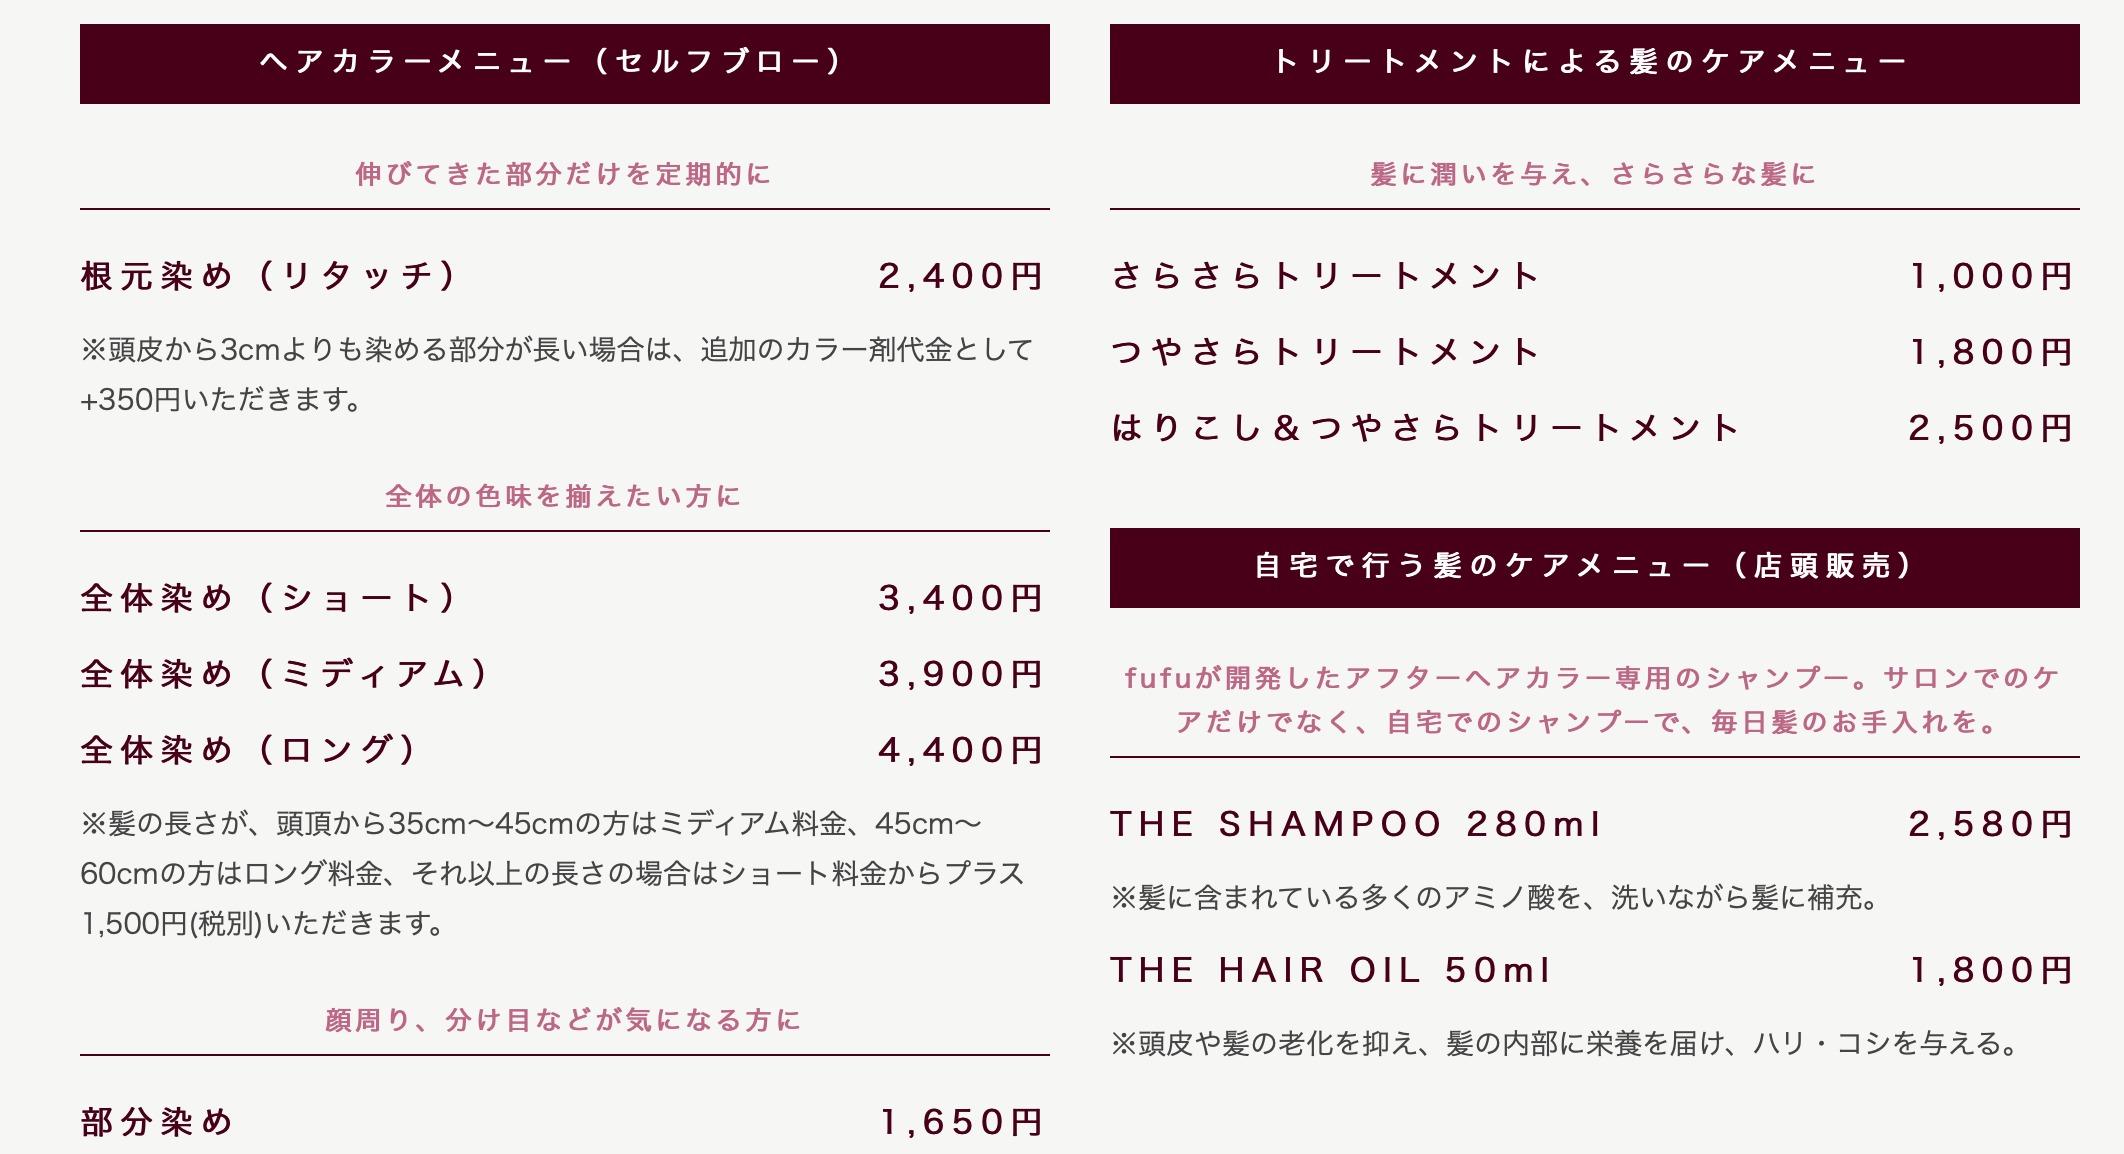 ヘアカラー専門店fufu料金表